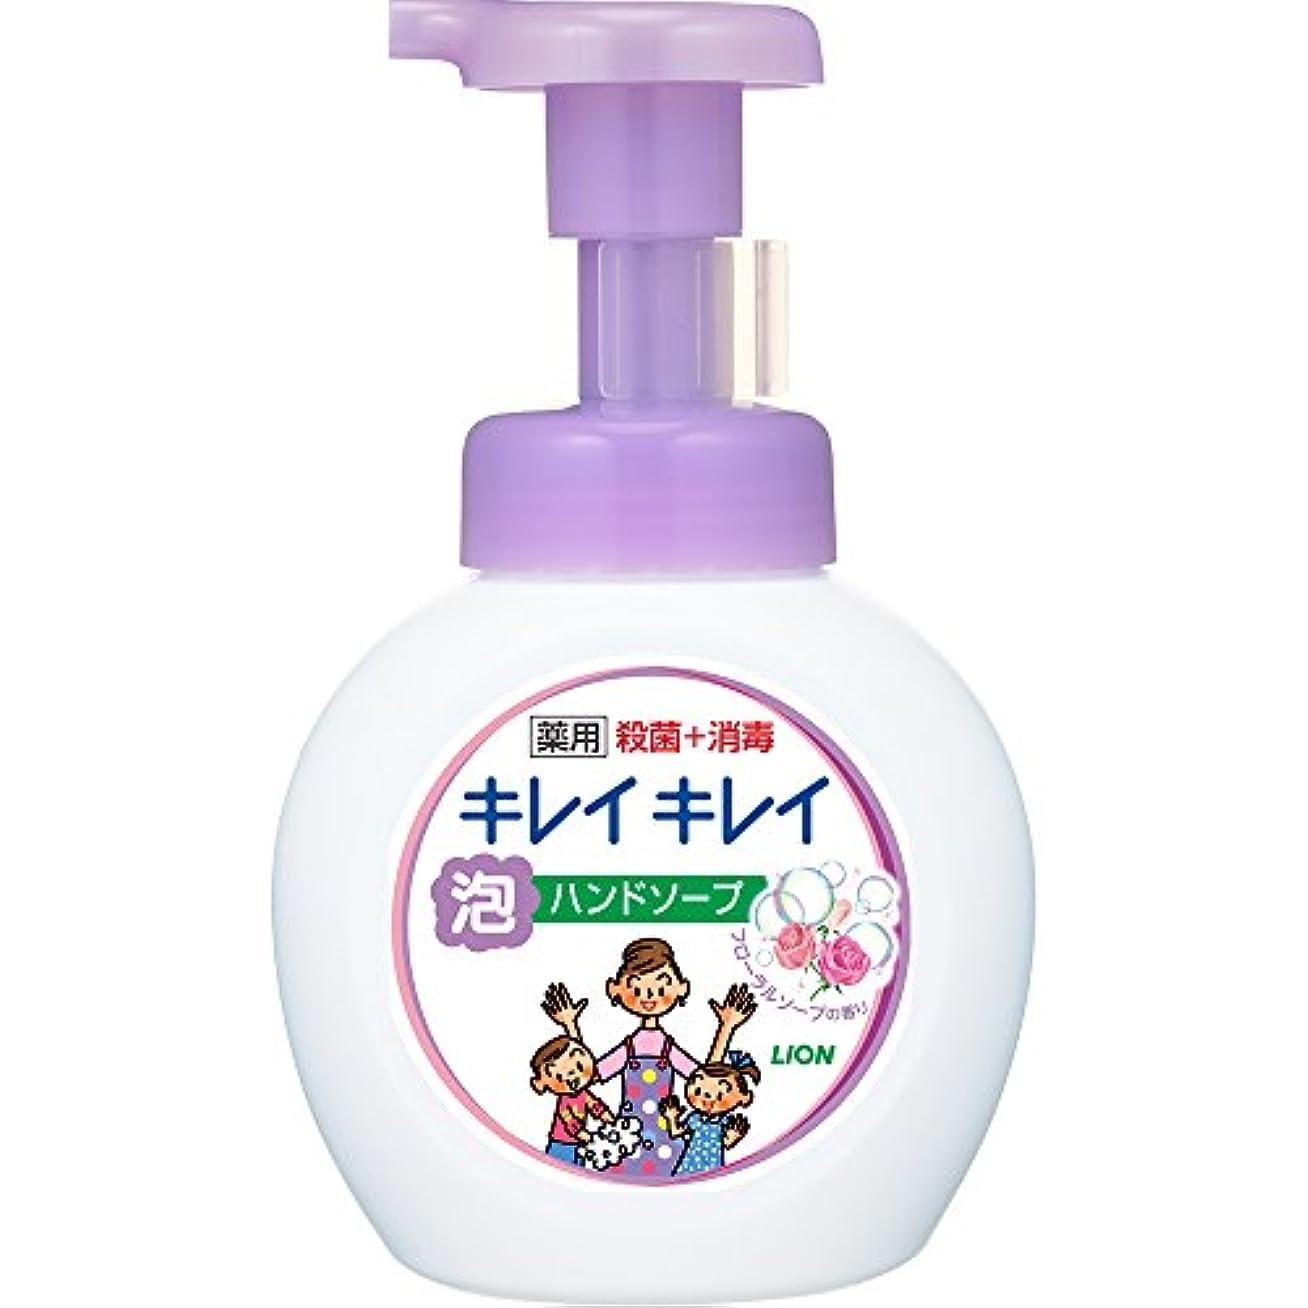 調和のとれたモニカスローキレイキレイ 薬用 泡ハンドソープ フローラルソープの香り 本体ポンプ 250ml(医薬部外品)